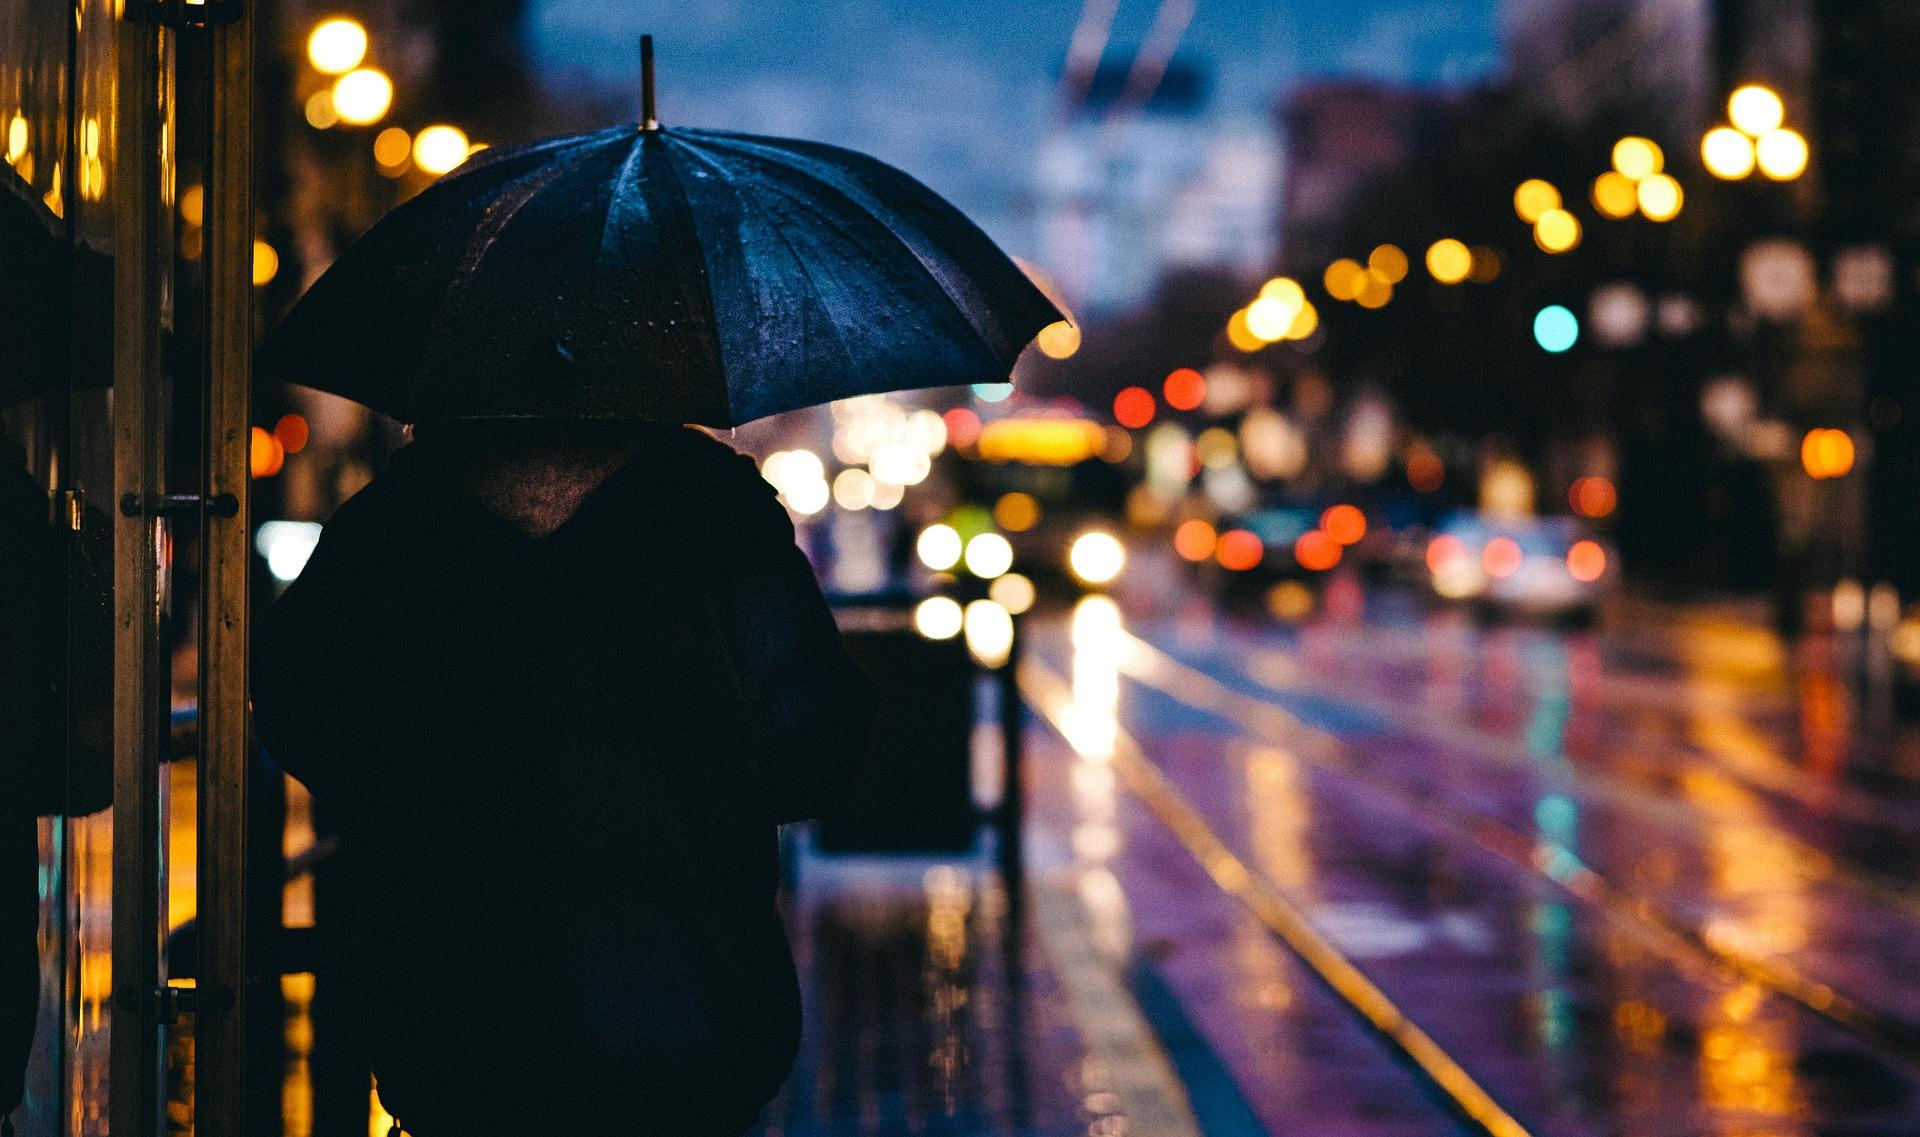 regnar i stan